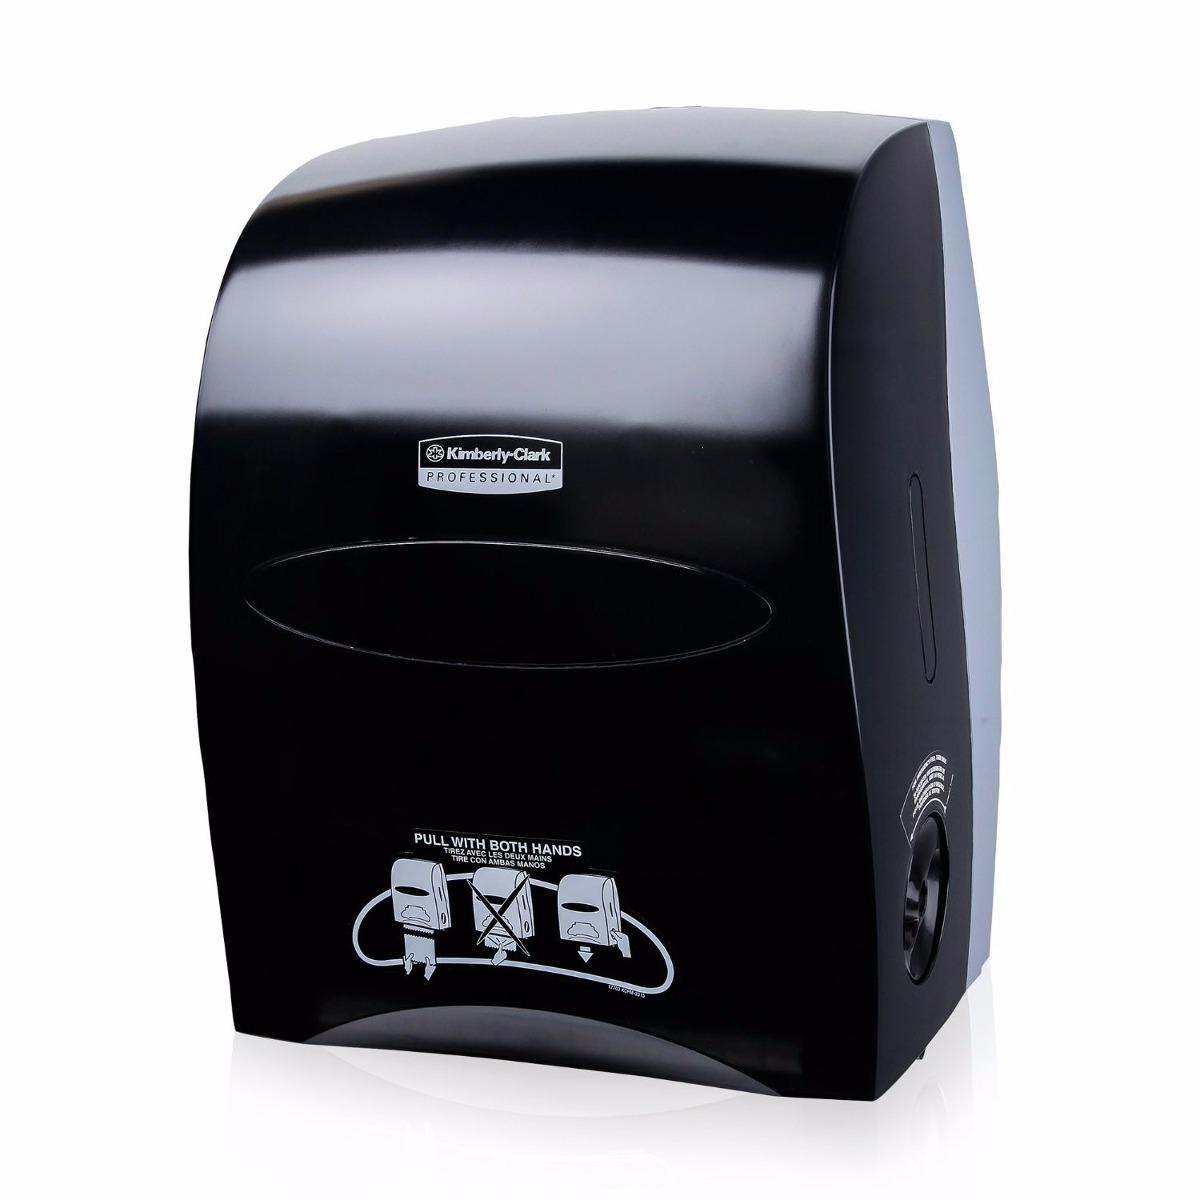 Dispensador de papel higienico para ba o kimberly clark - Dispensador de papel ...